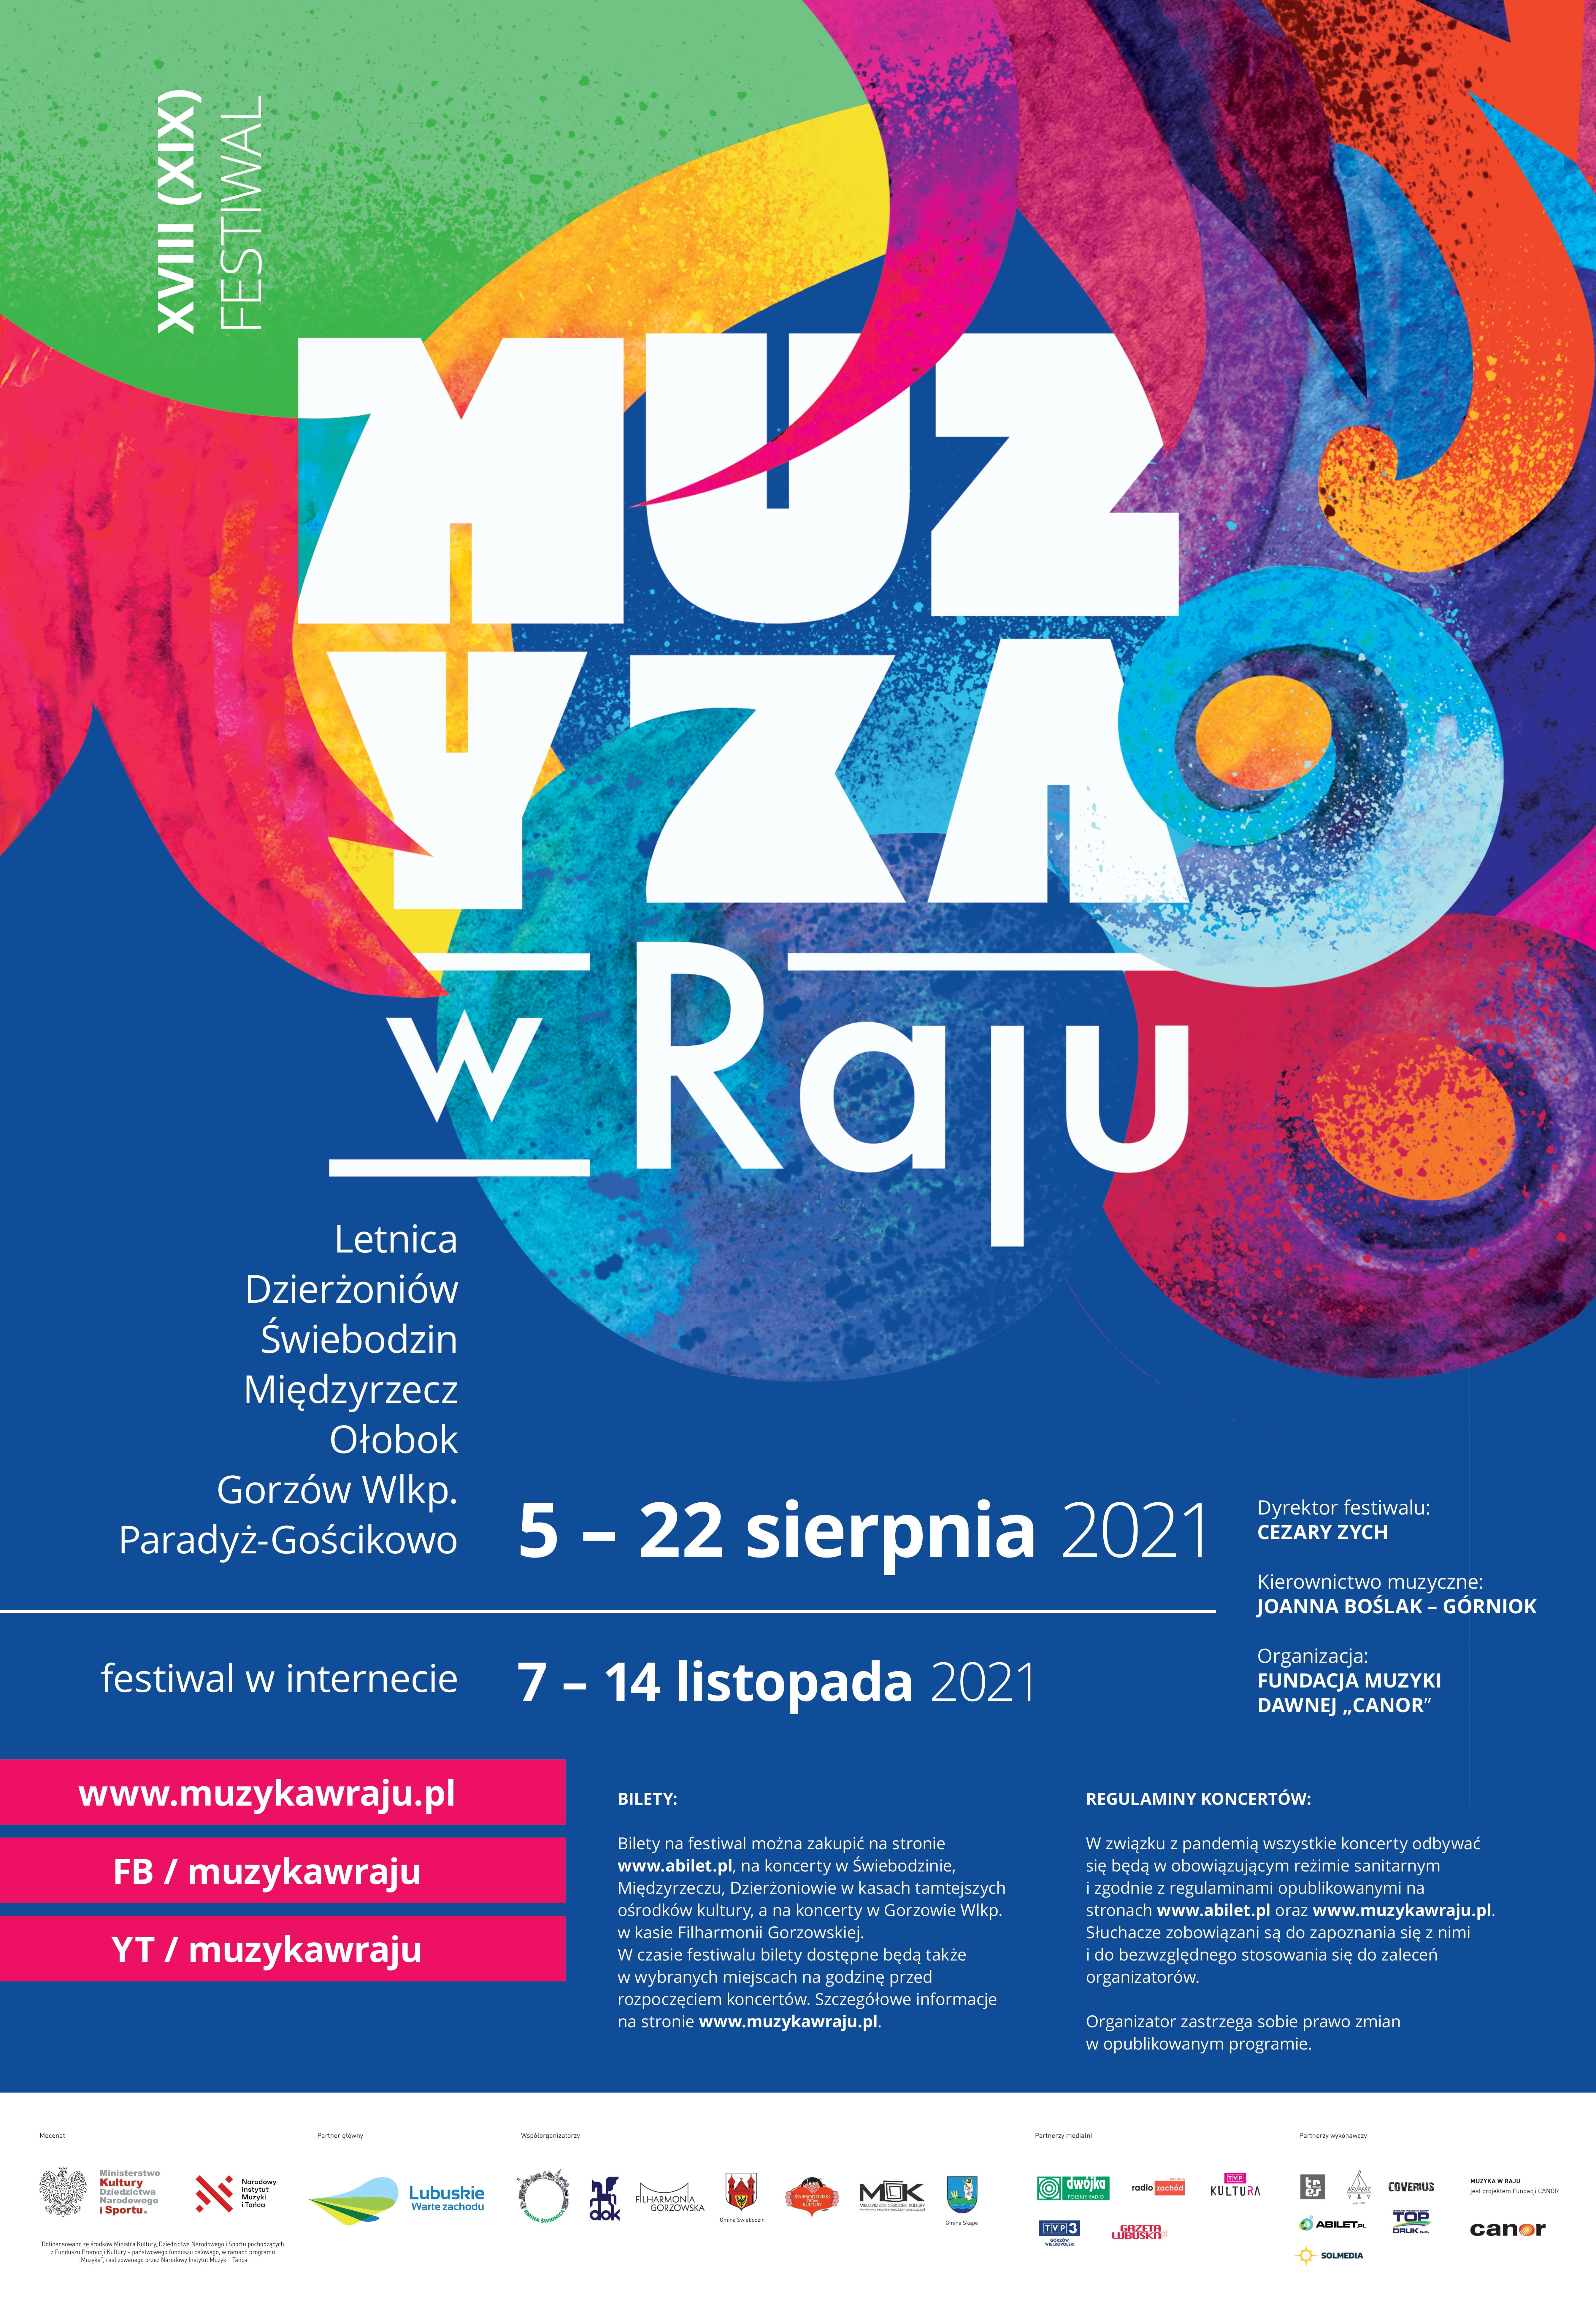 Plakat promujący festiwal Muzyka w Raju